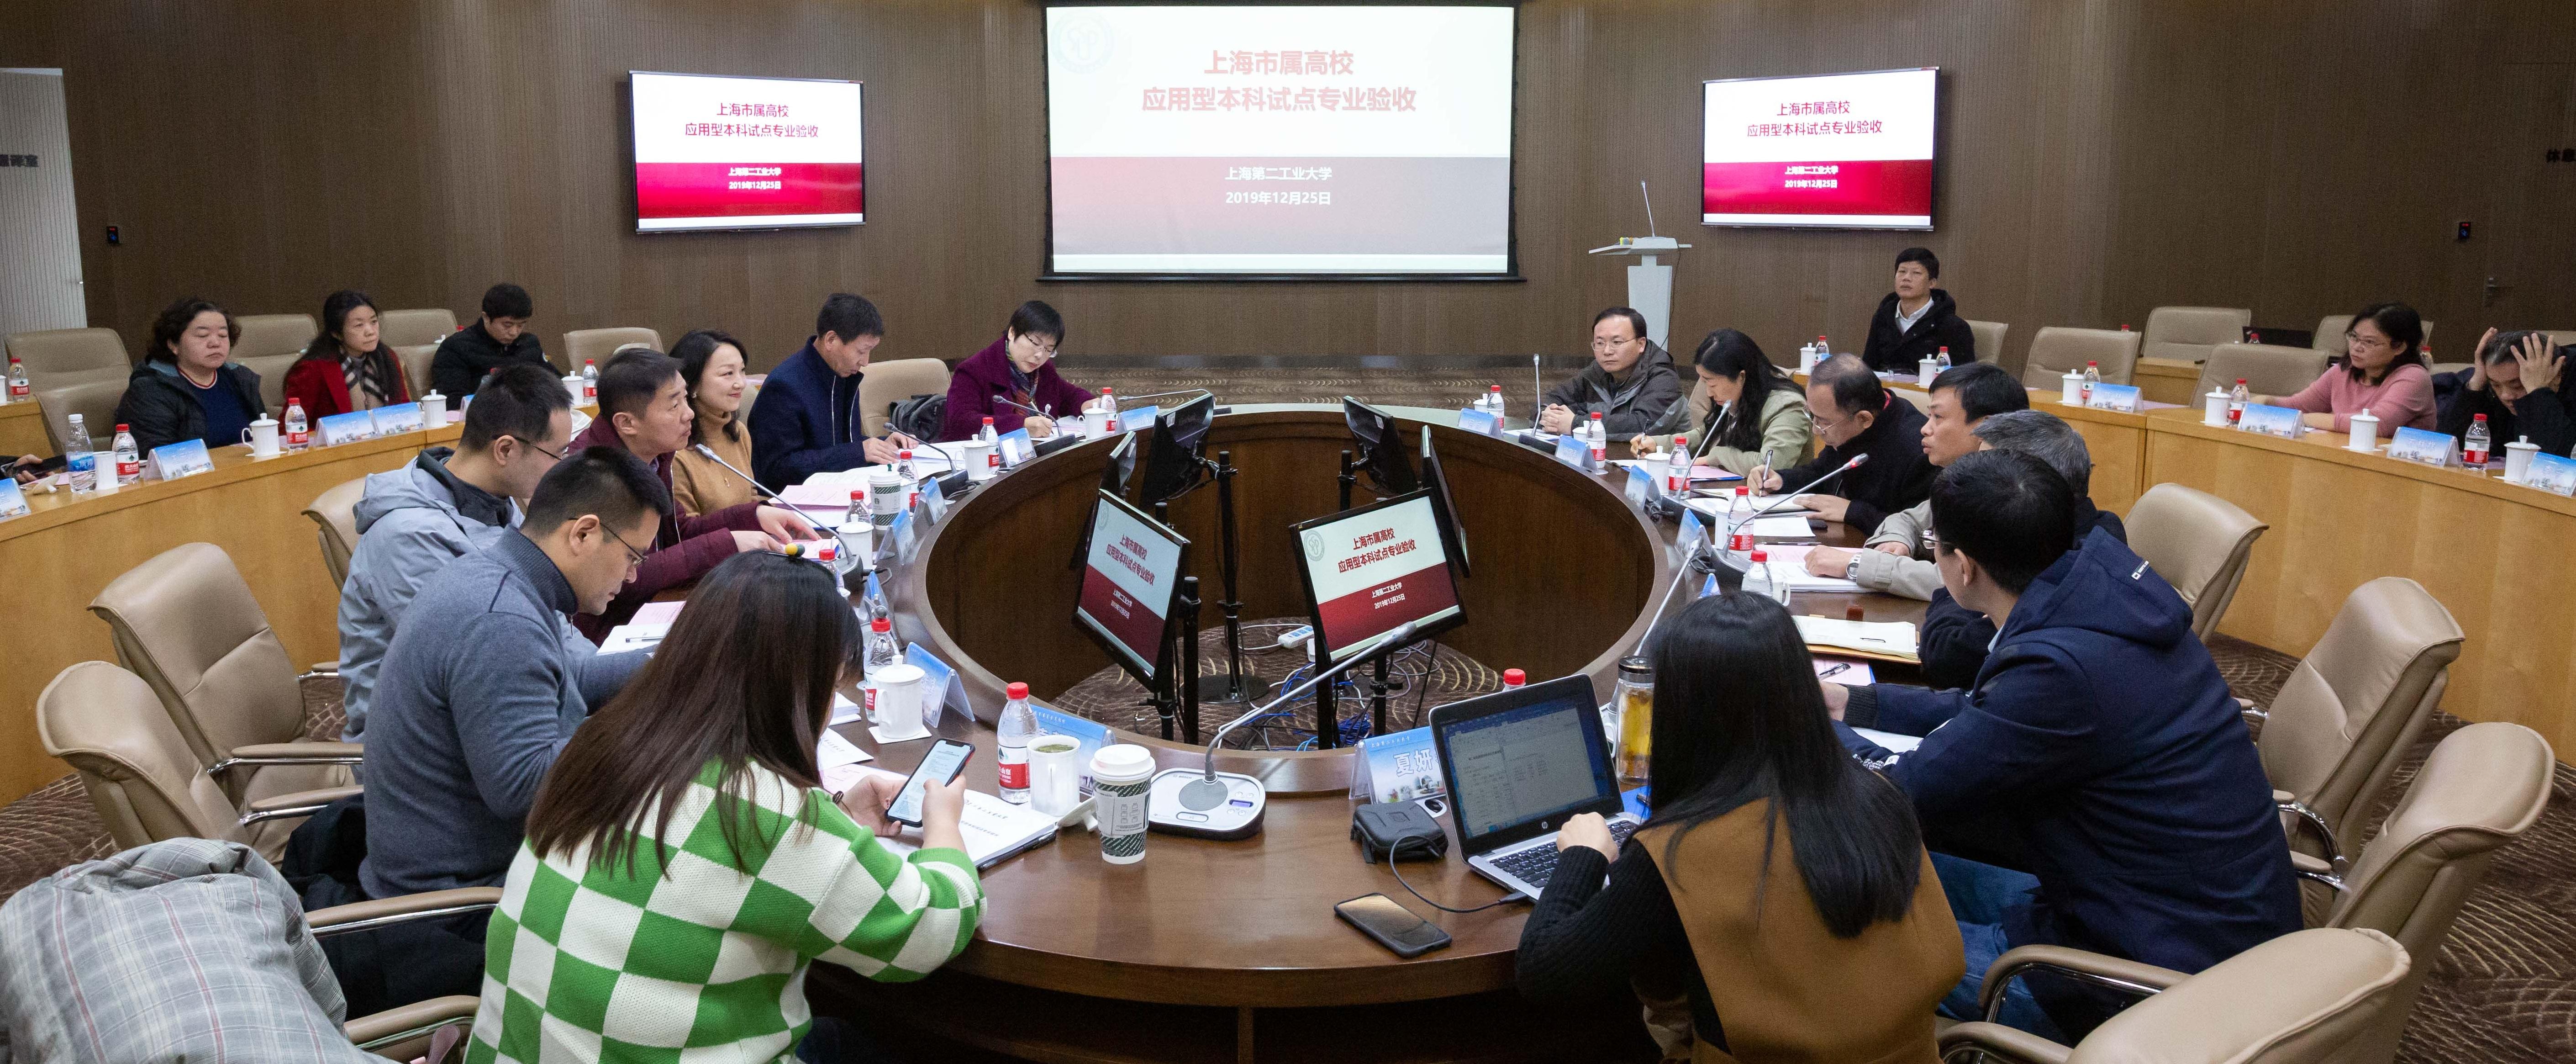 我校第二批应用型本科试点专业接受上海市教委专家组验收